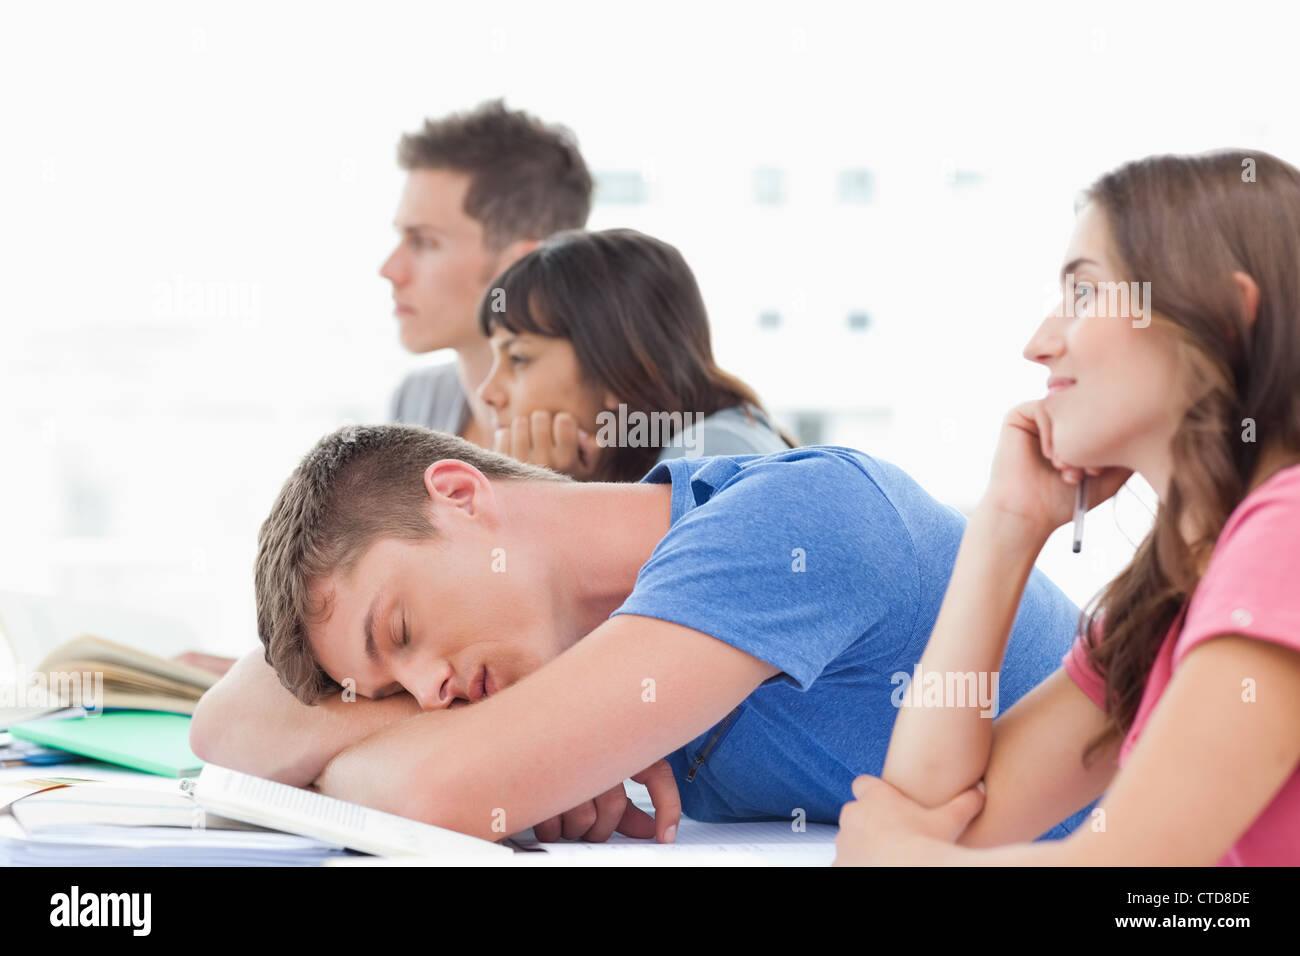 Cuatro estudiantes en clase como tres preste atención un estudiante varón duerme Foto de stock